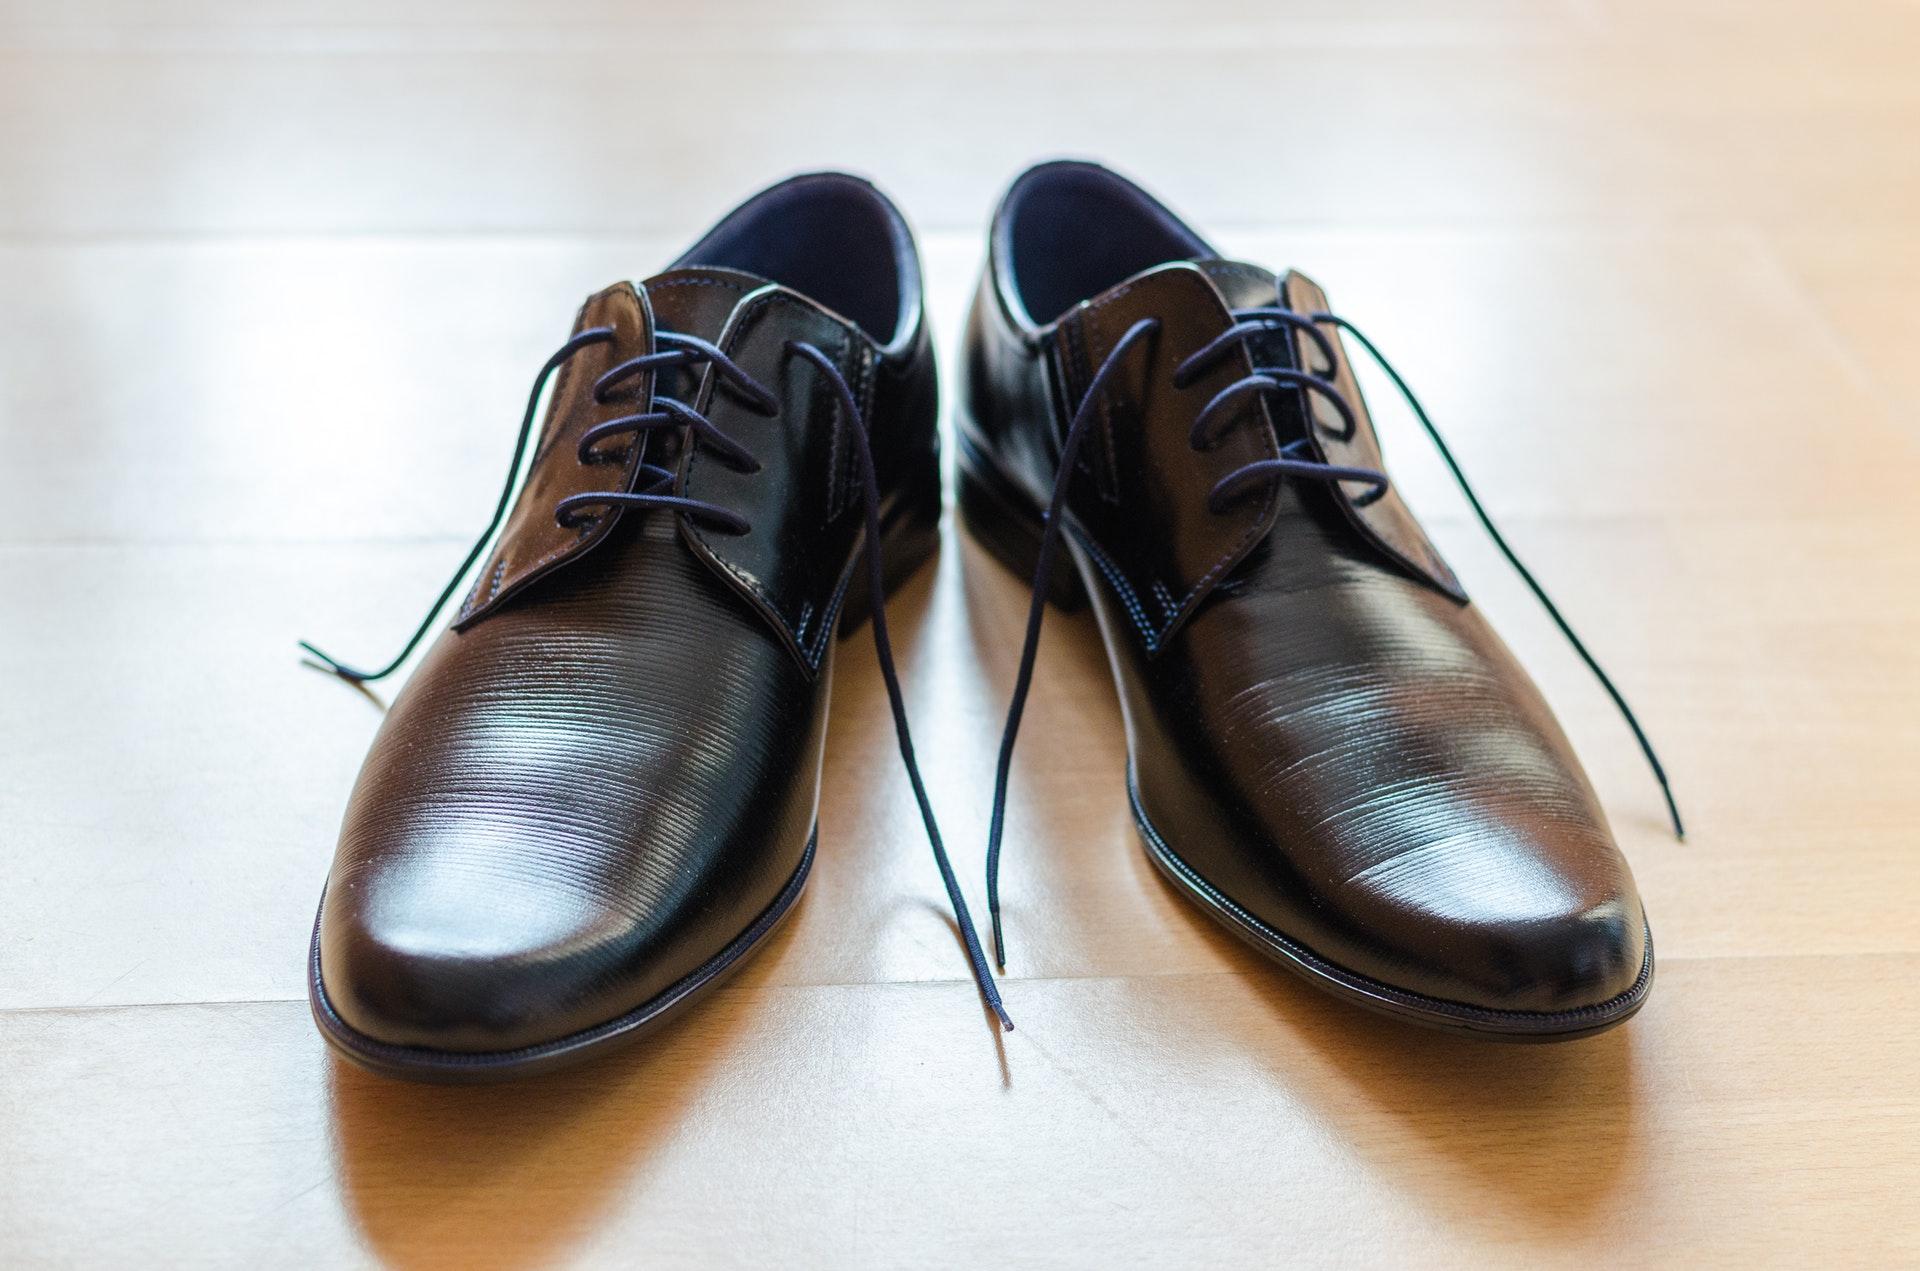 Czarne buty w stylu derby – idealne na co dzień